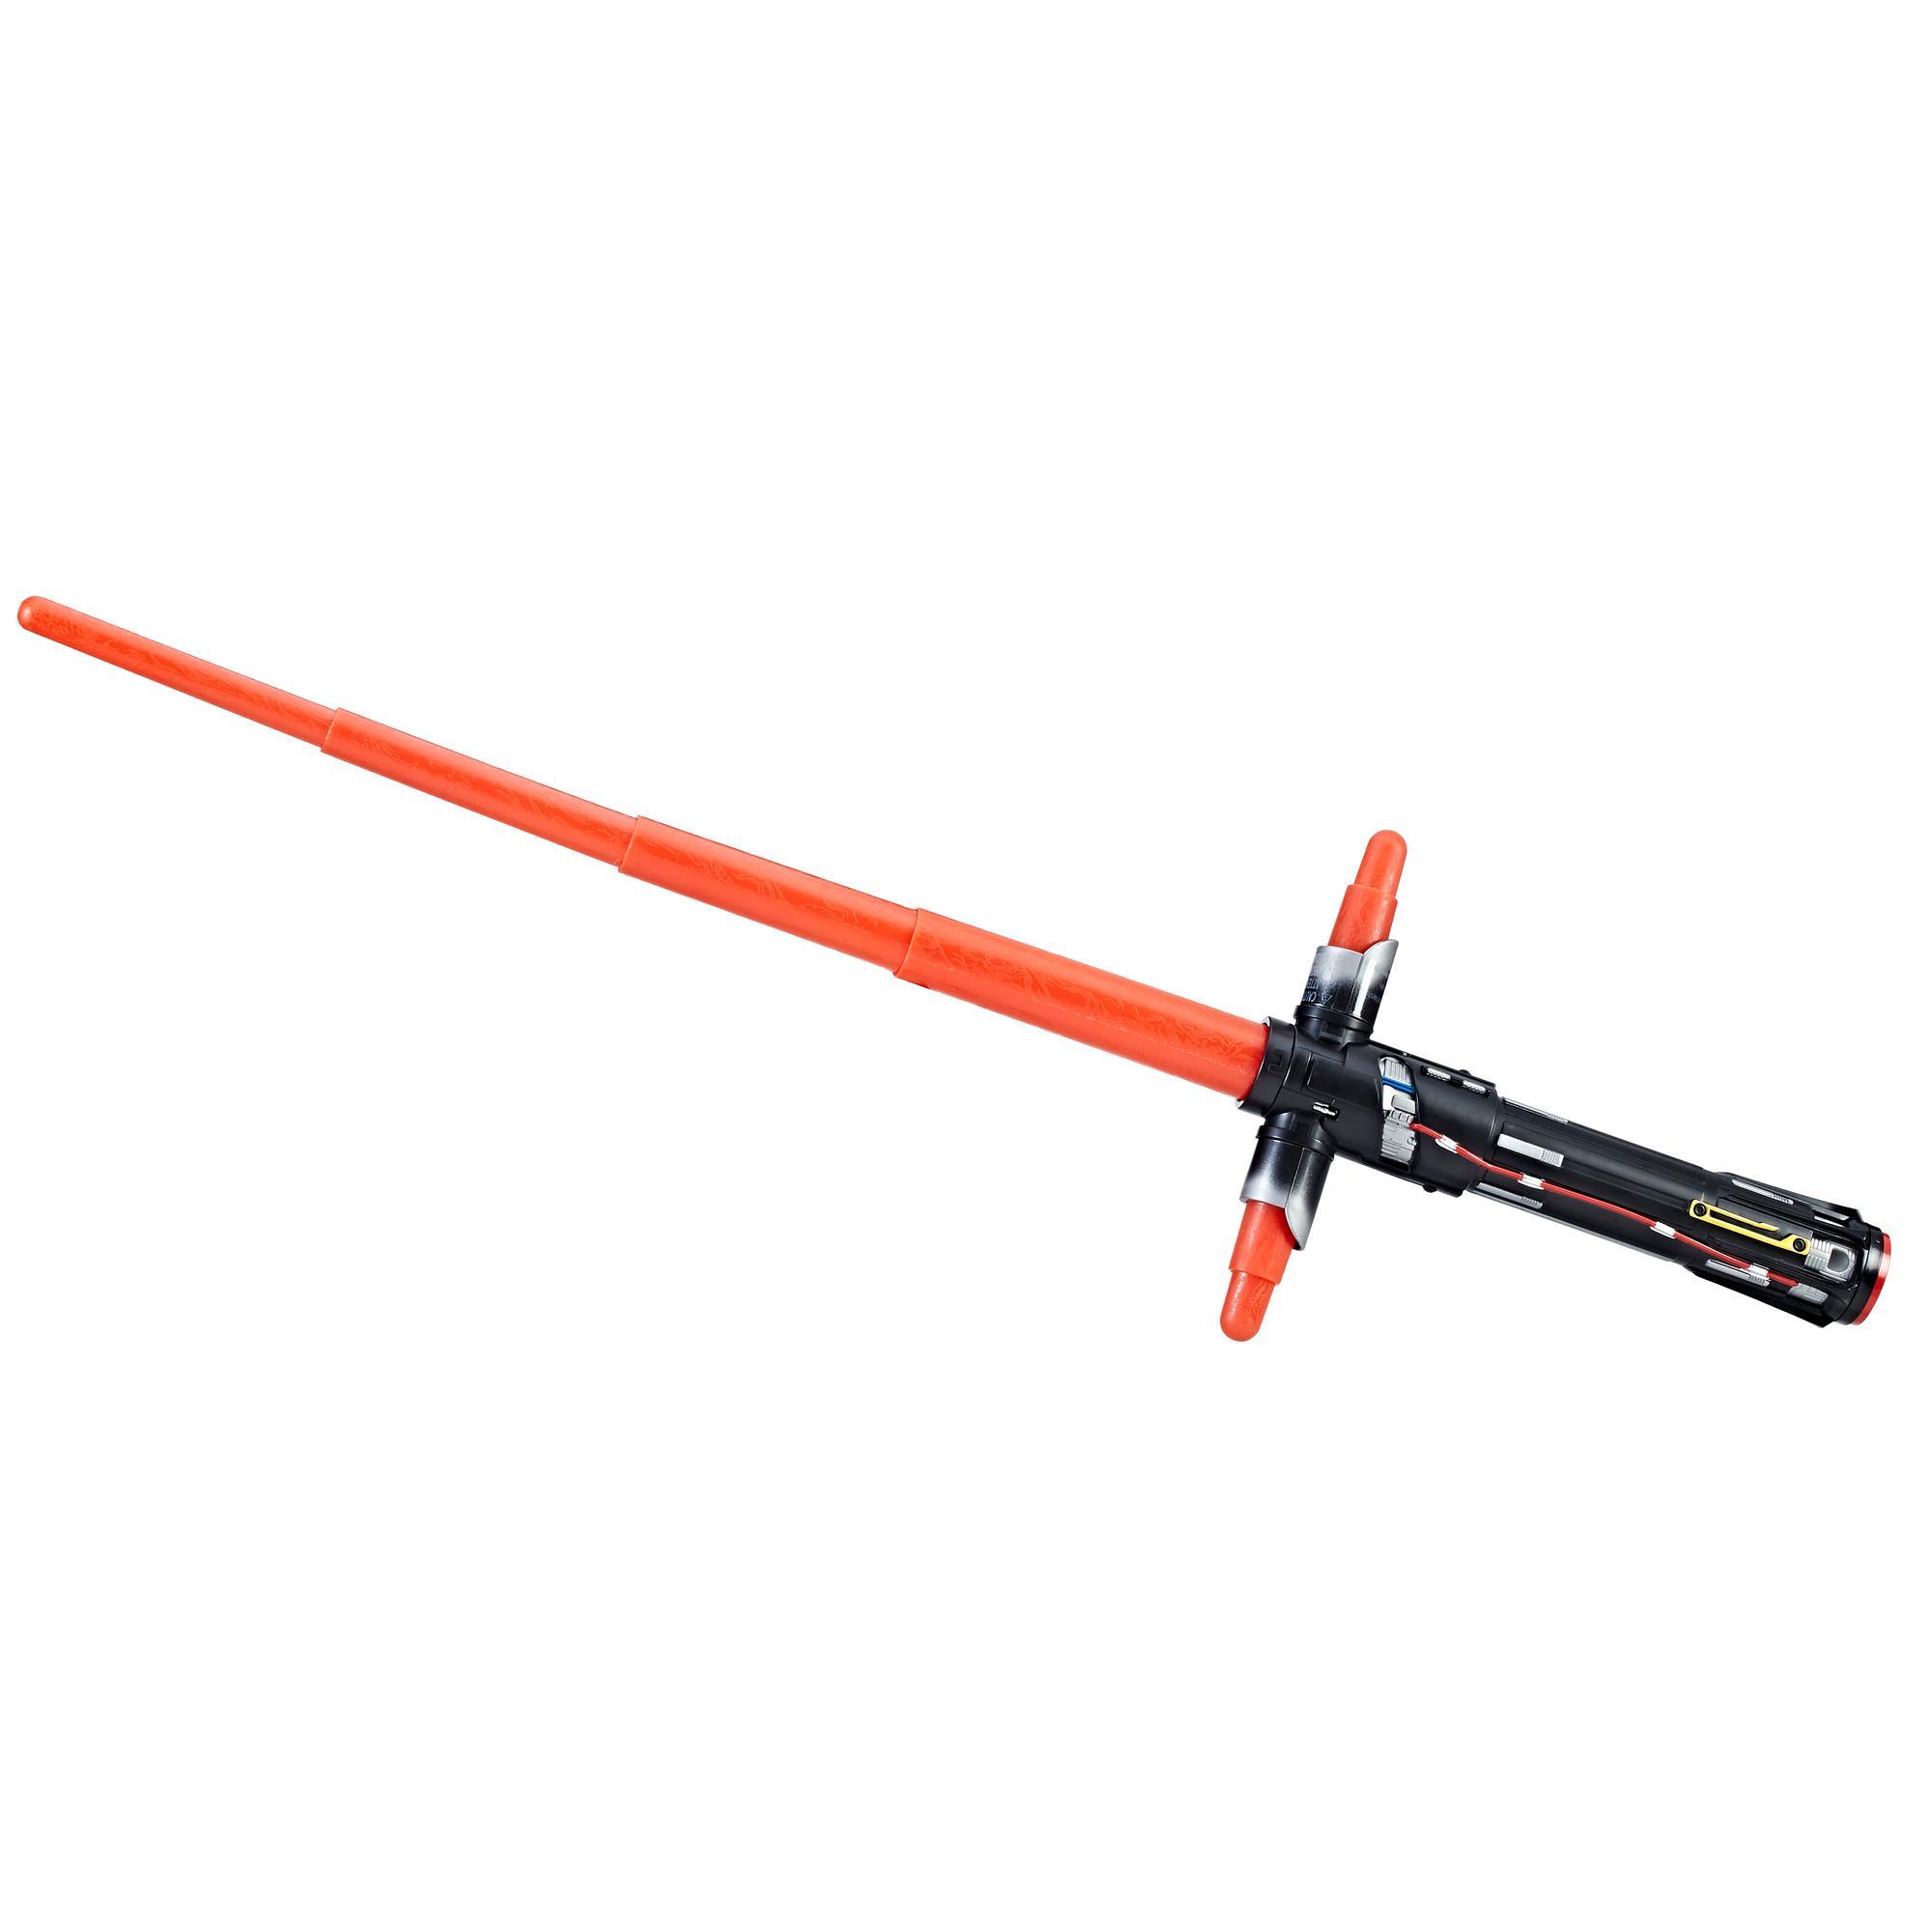 Star Wars: Os Últimos Jedi - Sabre de luz extensível de Kylo Ren